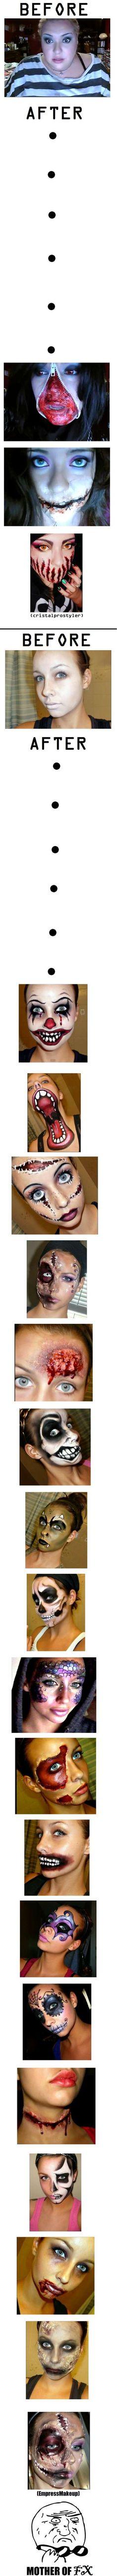 Amazing Makeup - Halloween